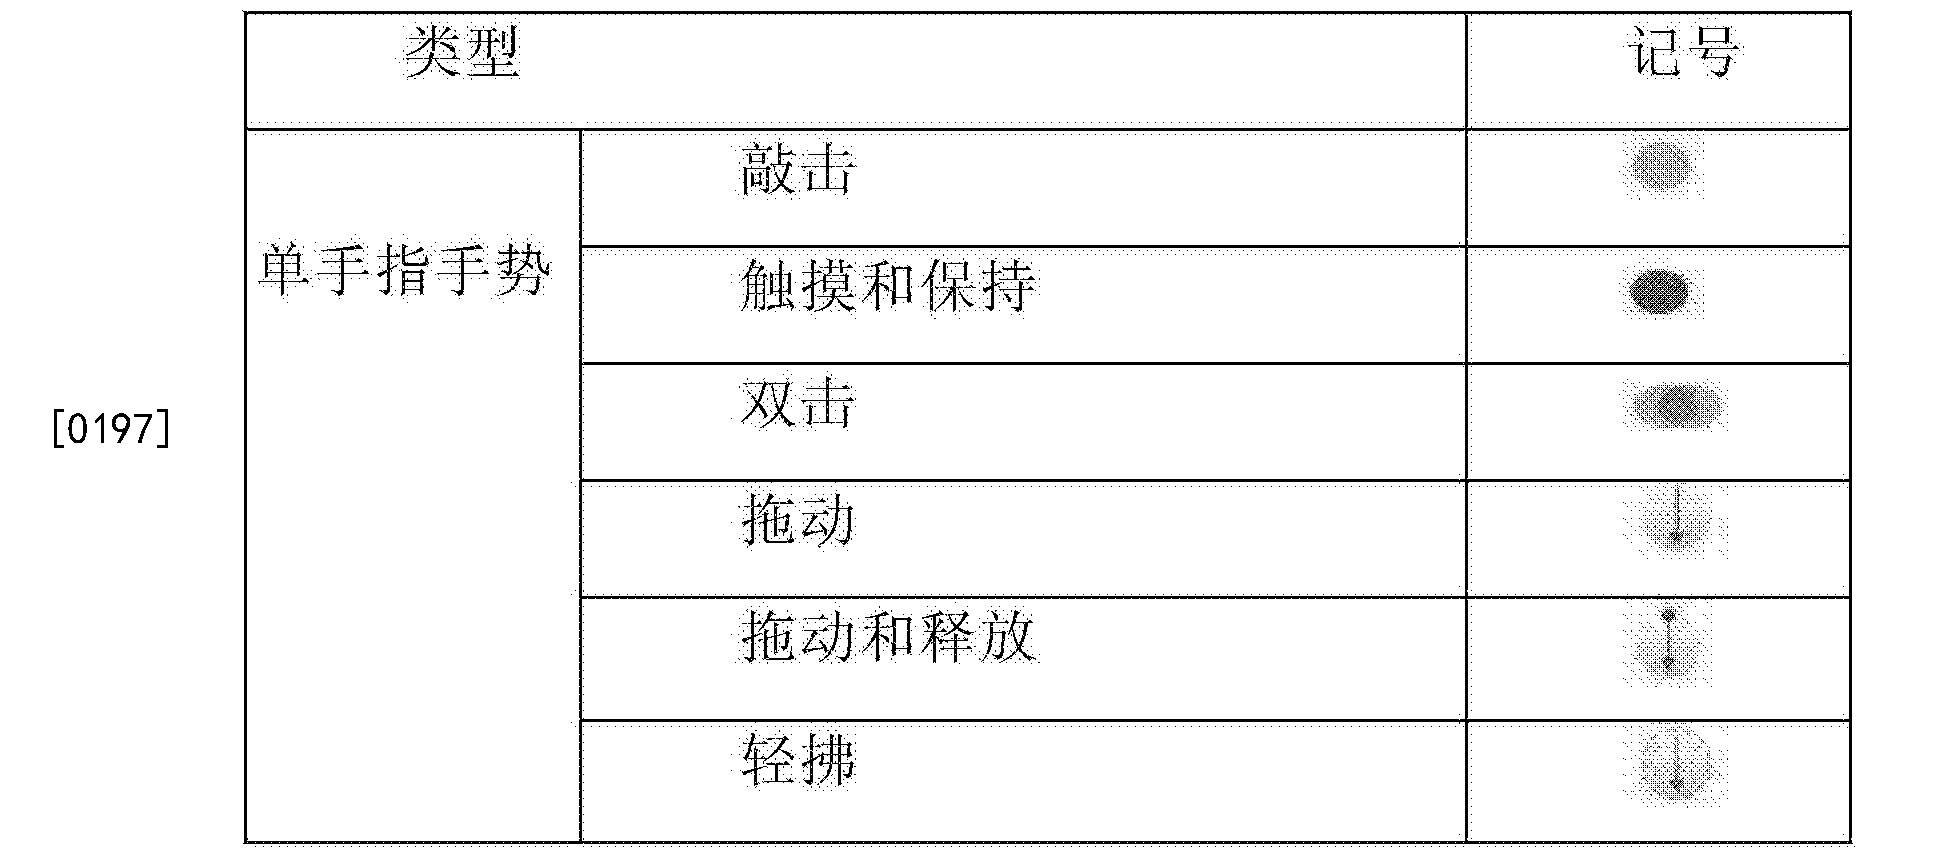 Figure CN103729108BD00181